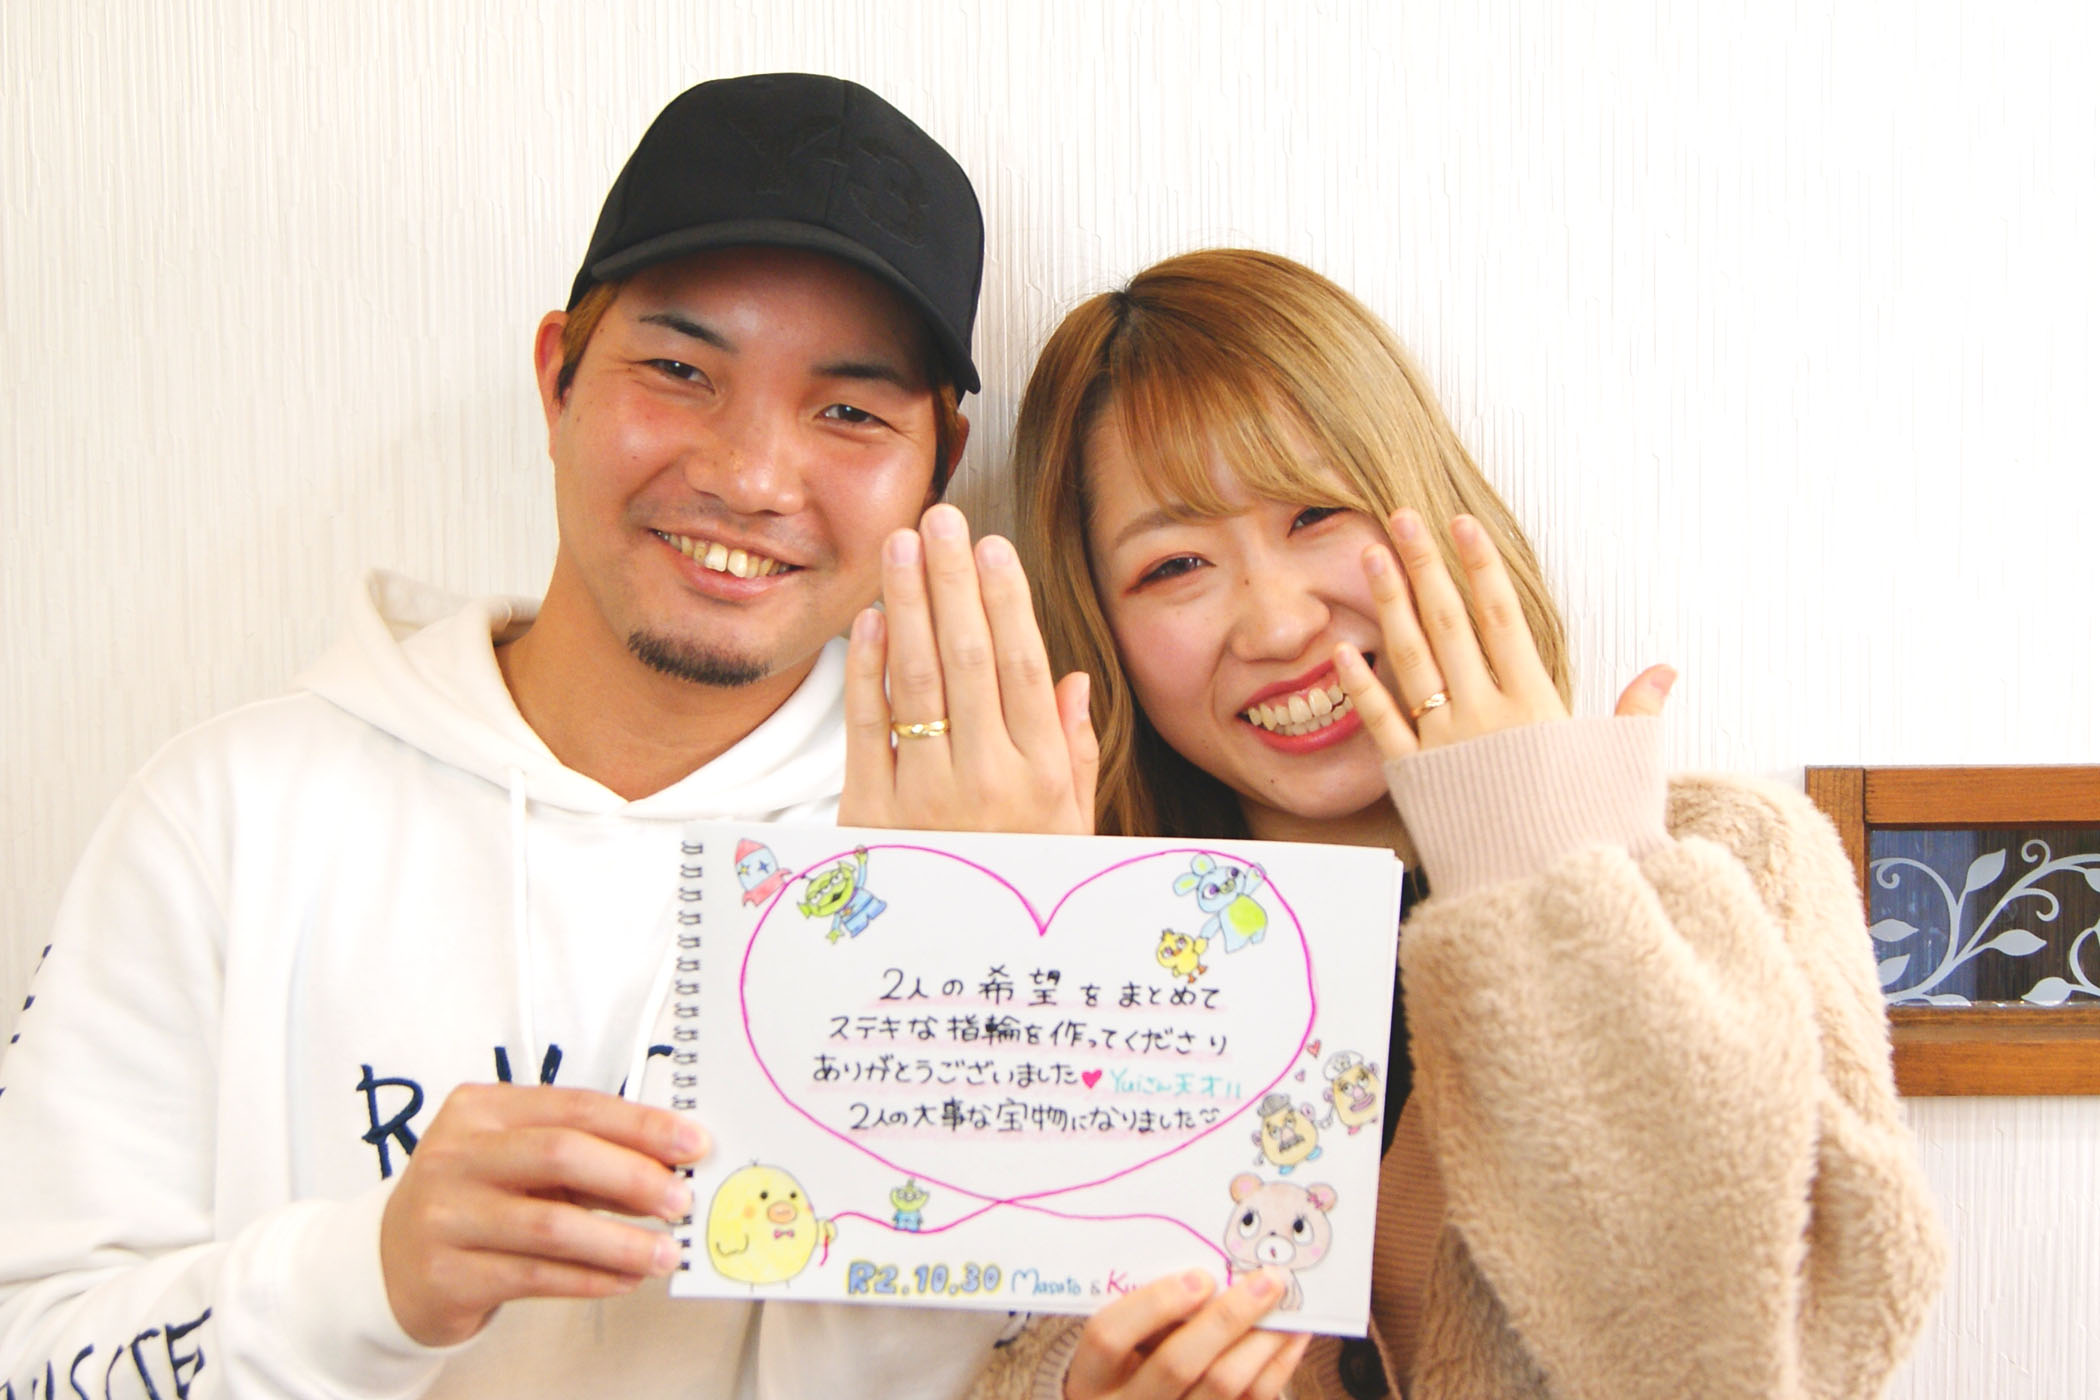 結婚指輪をご依頼頂きました本宮市からお越しの髙野さんご夫妻/kazariyaYui福島県郡山市